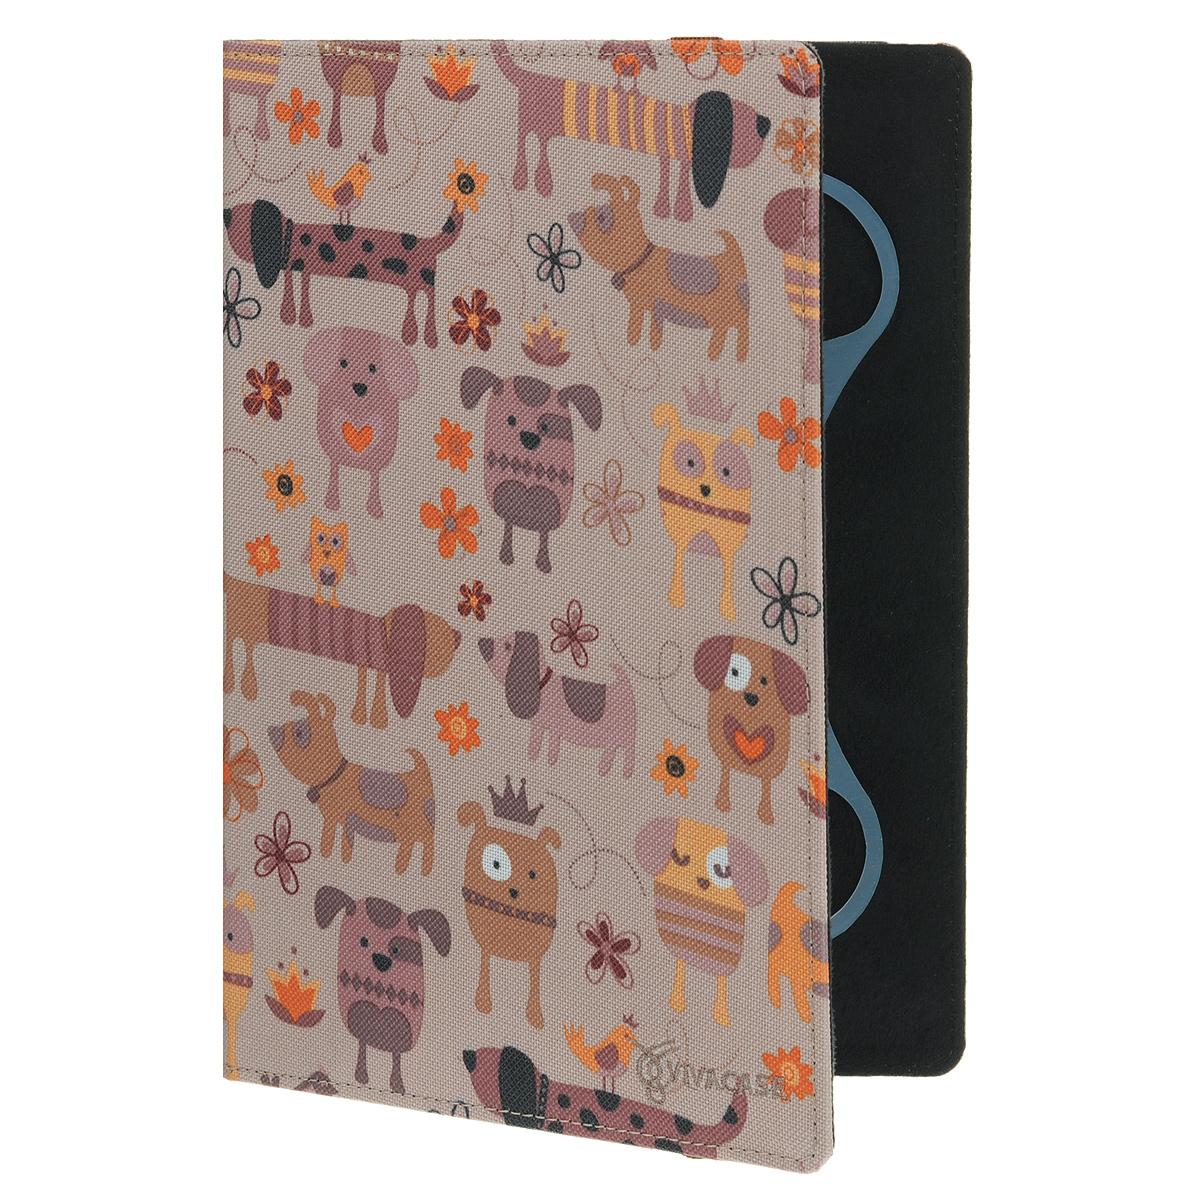 Vivacase Doggy чехол для планшетов 10 (VUC-CDG10)VUC-CDG10Чехол Viva Doggy для планшетов с диагональю 10 предназначен для защиты электронных устройств от механических повреждений и влаги. Крепление EVS позволяет надежно зафиксировать устройство.